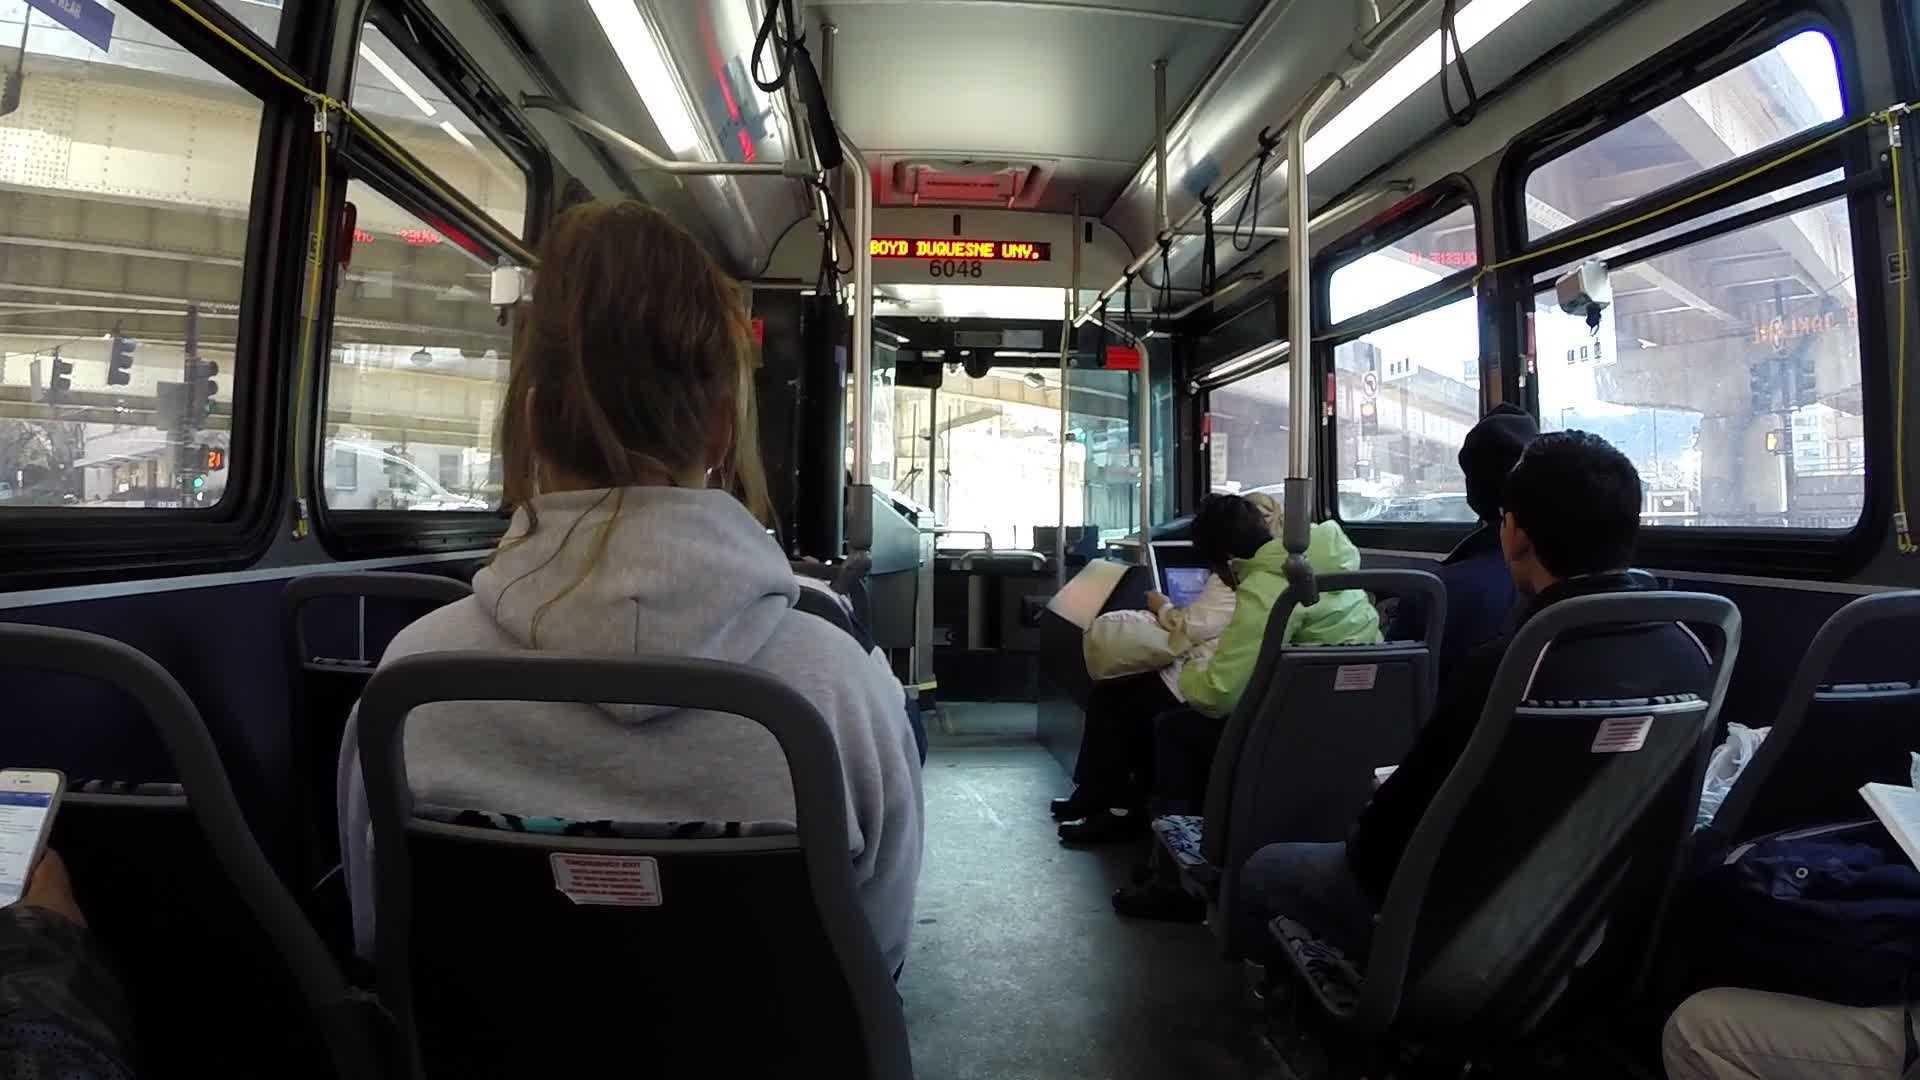 Port Authority bus passengers